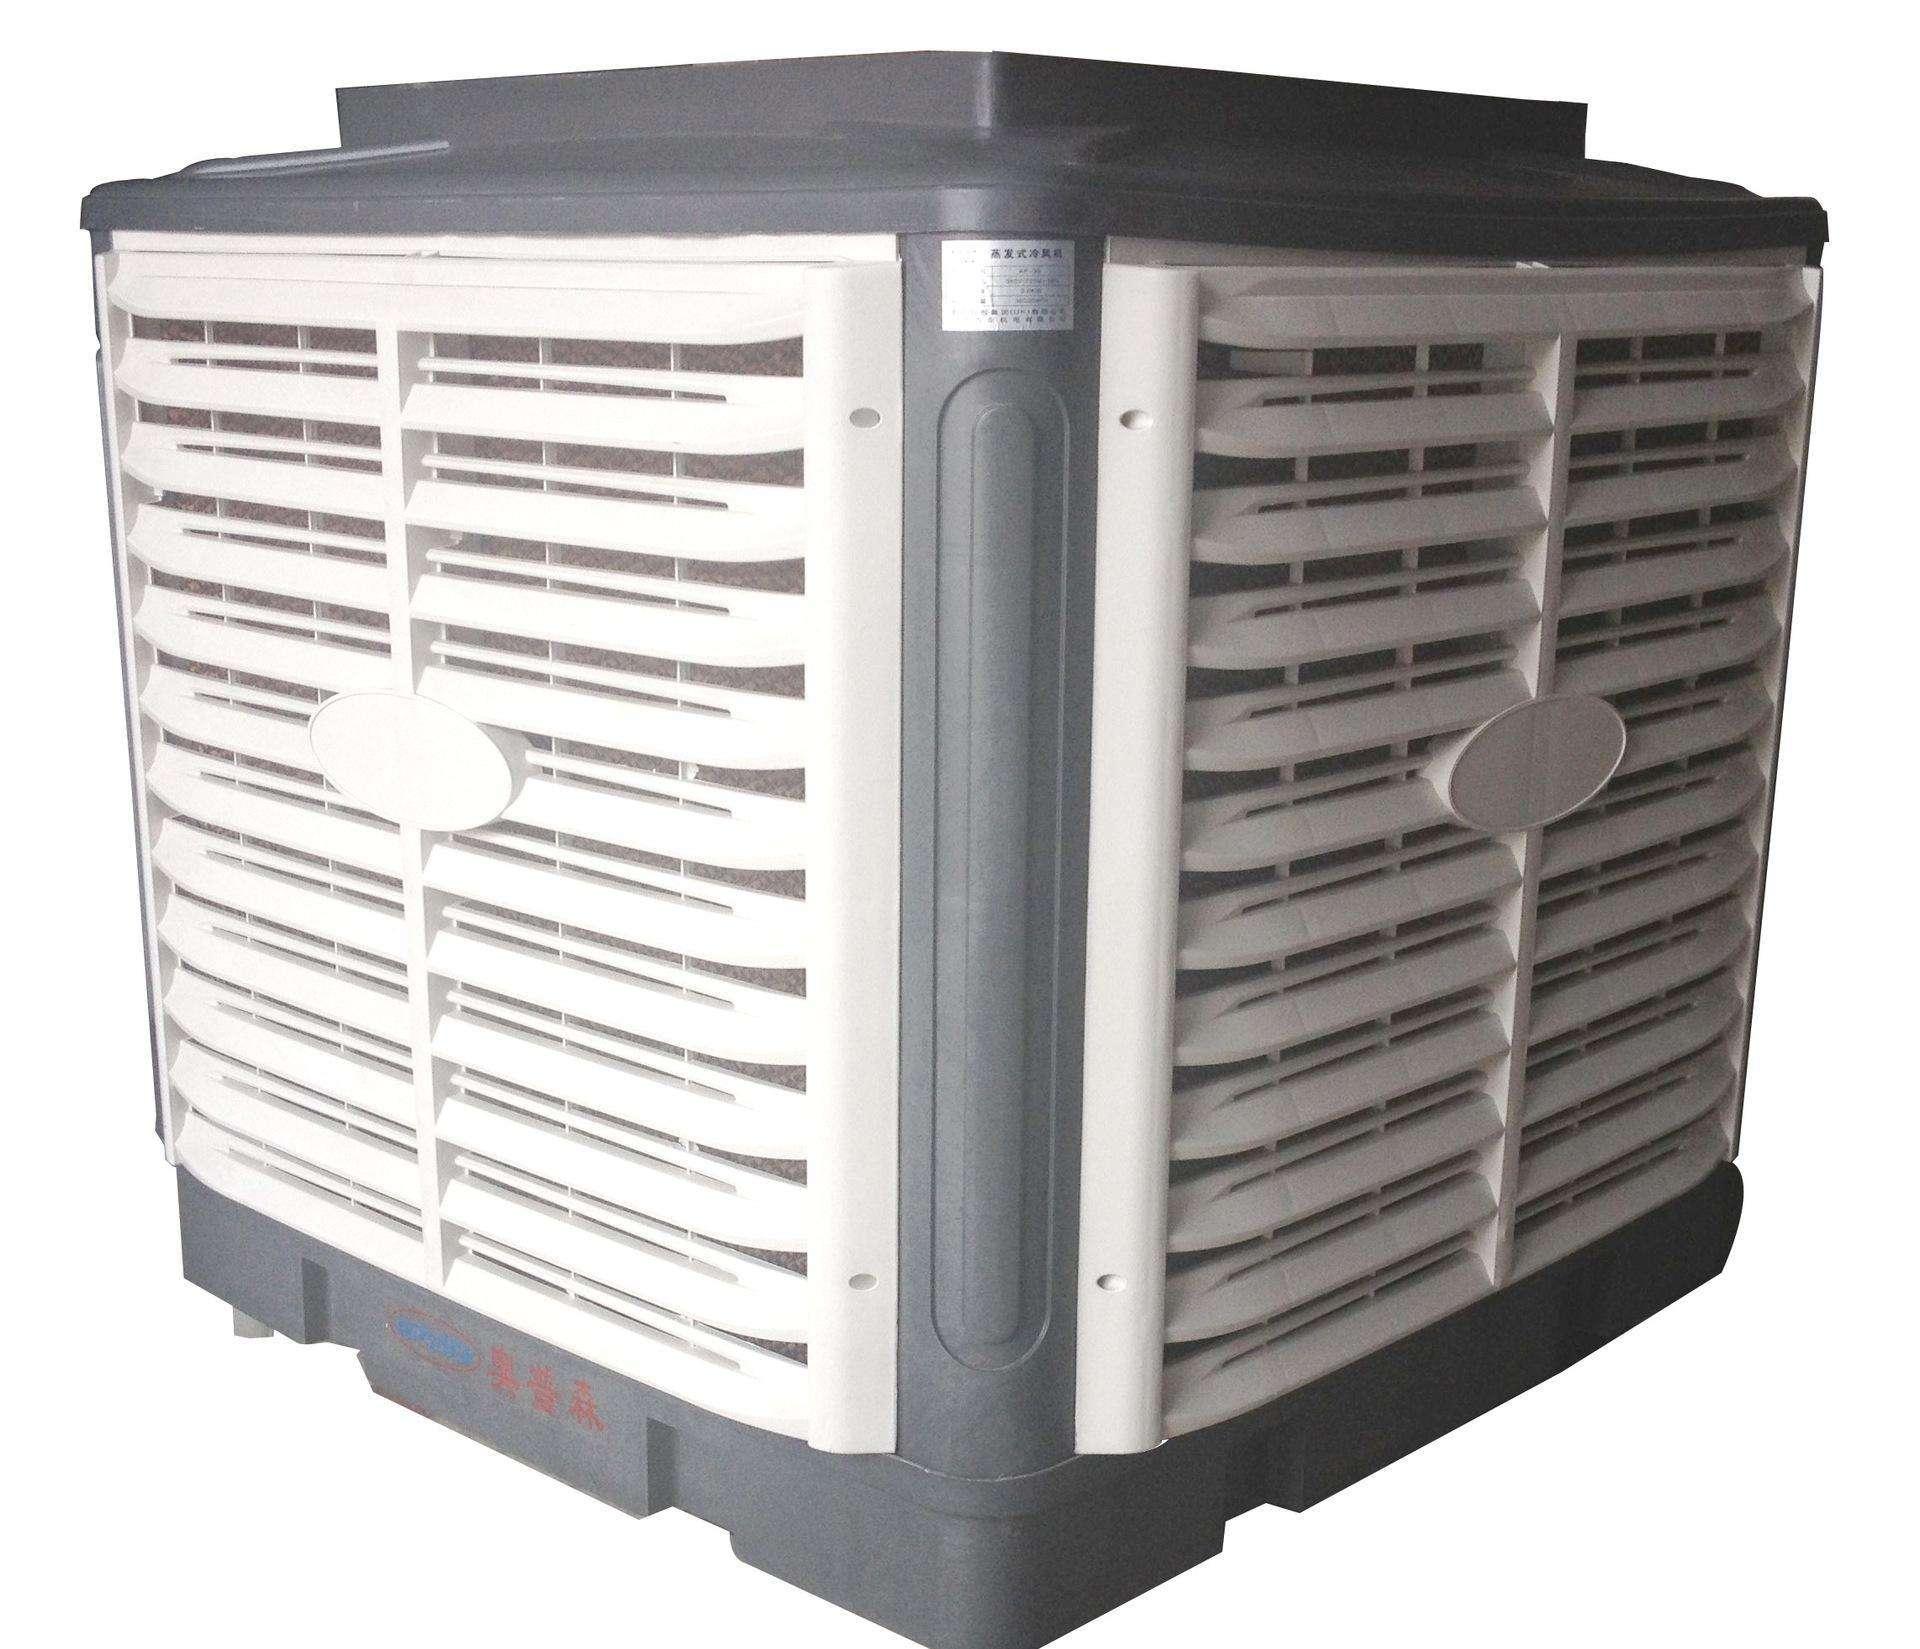 水冷空调故障代码—水冷空调故障代码介绍